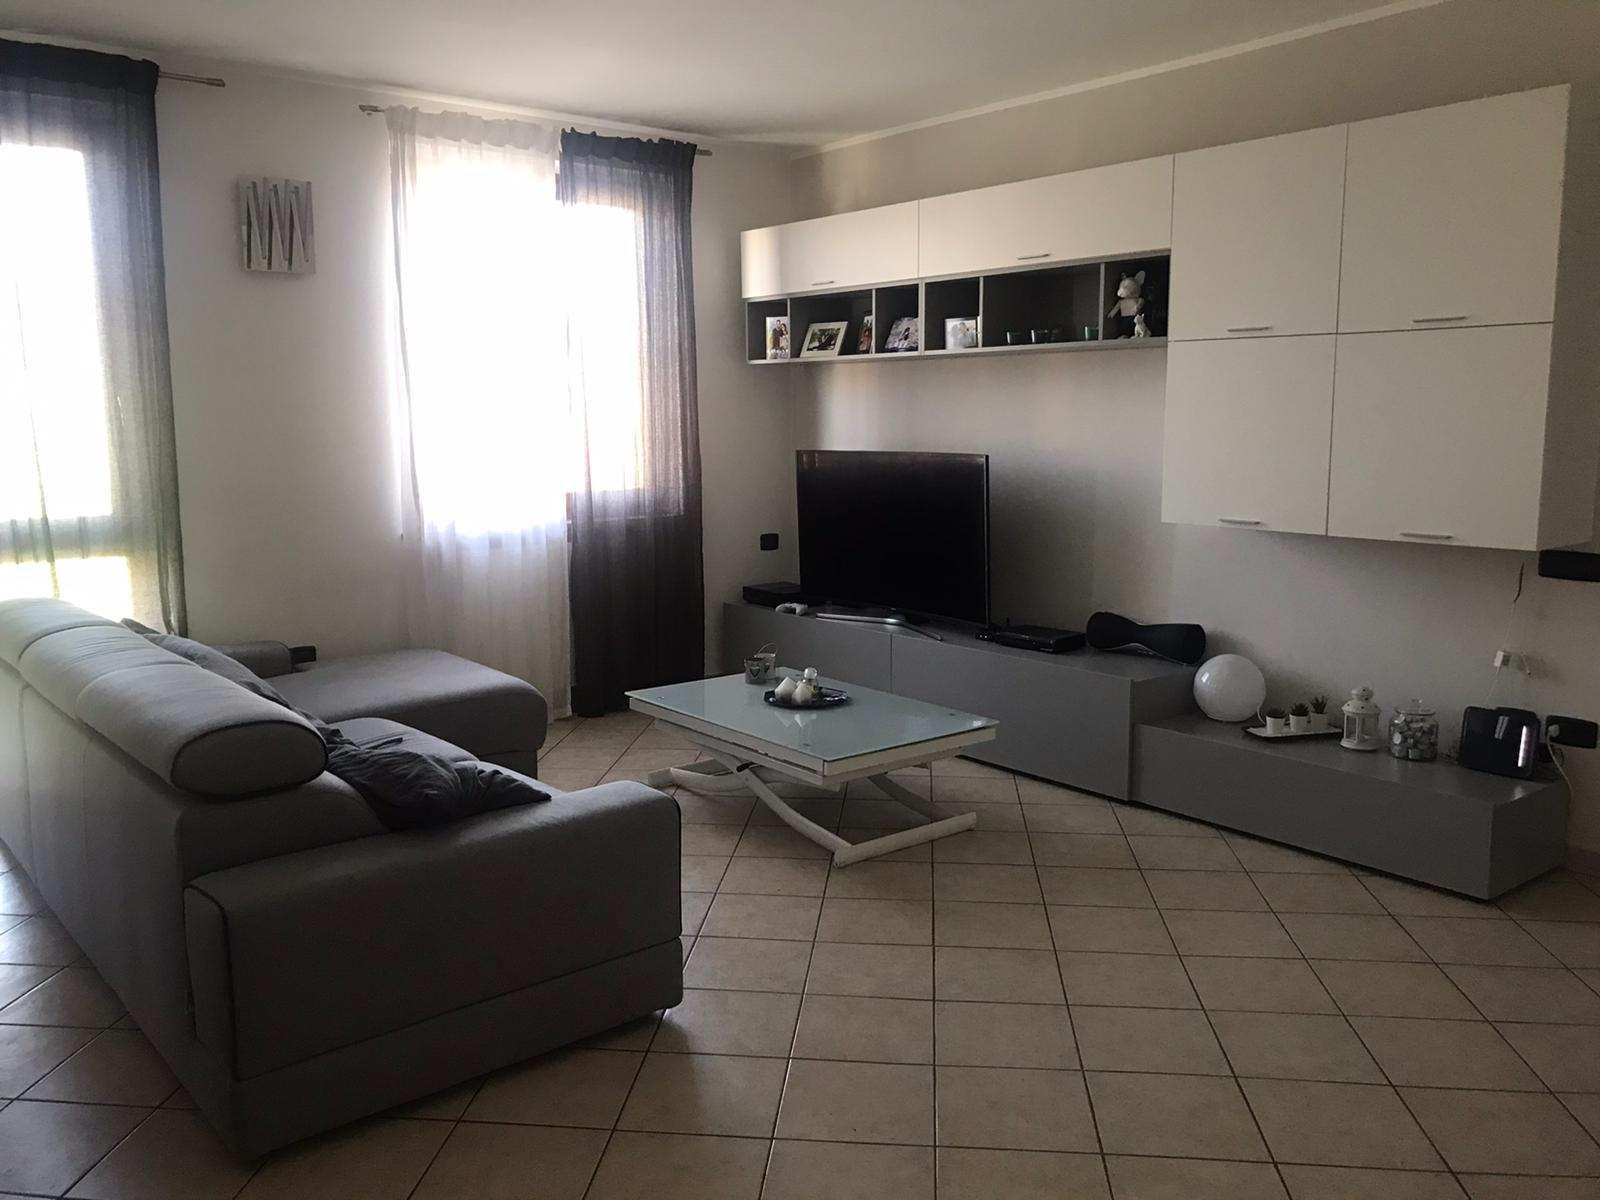 appartamento-in-vendita-3-locali-san-senone-al-lambro-trilocale-spaziourbano-immobiliare-vende-9